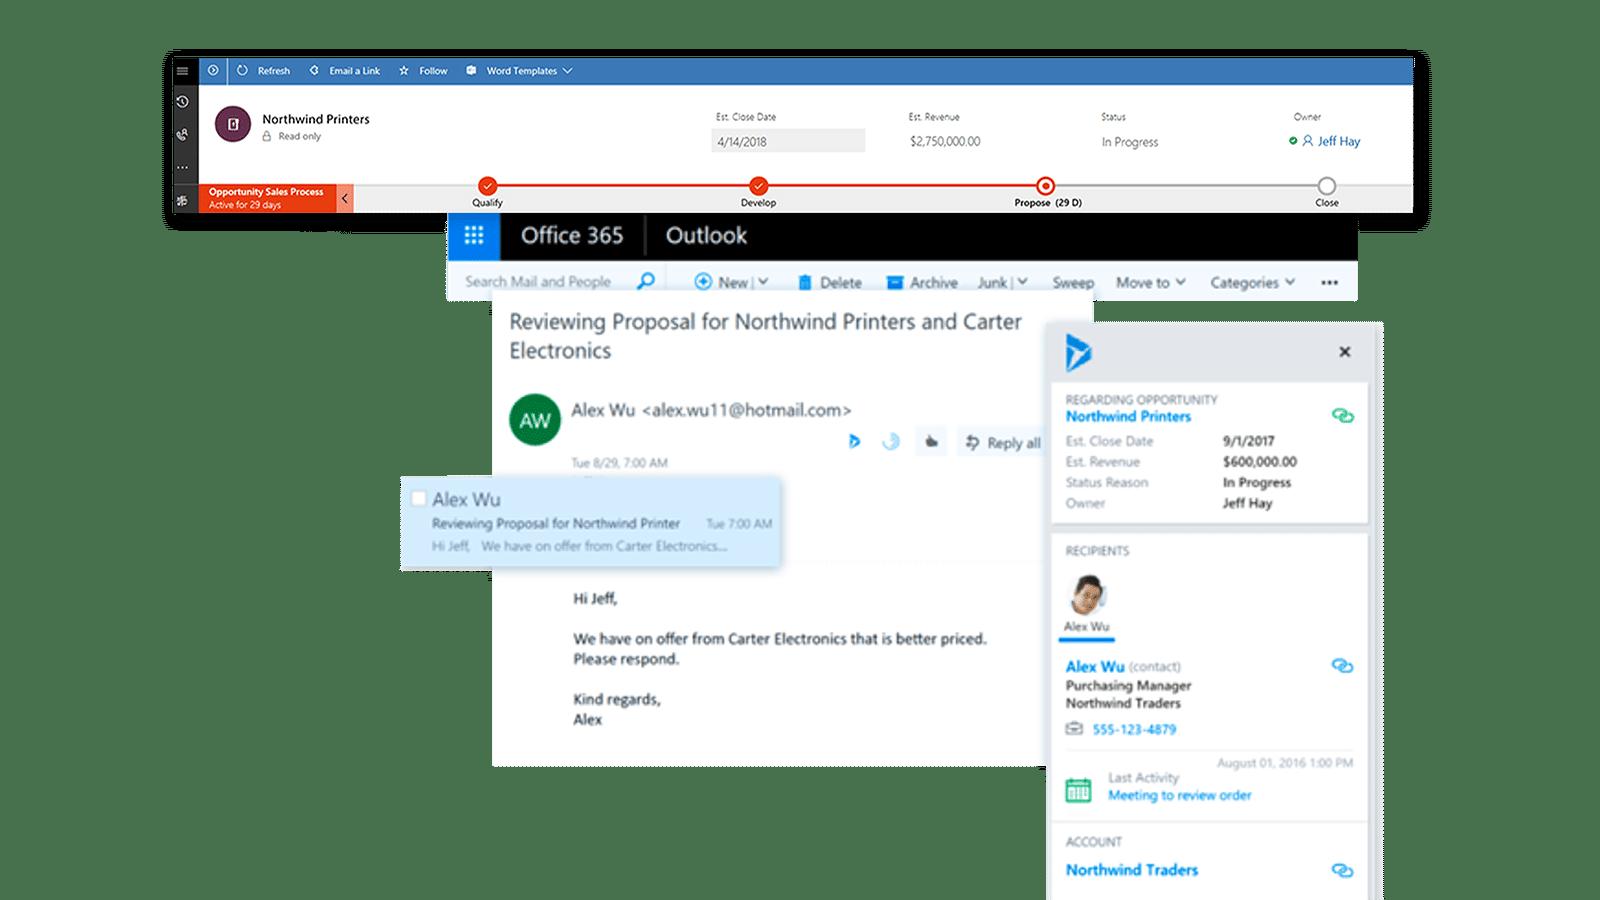 Vergroot de productiviteit van uw verkopers | Microsoft Dynamics 365 for Sales